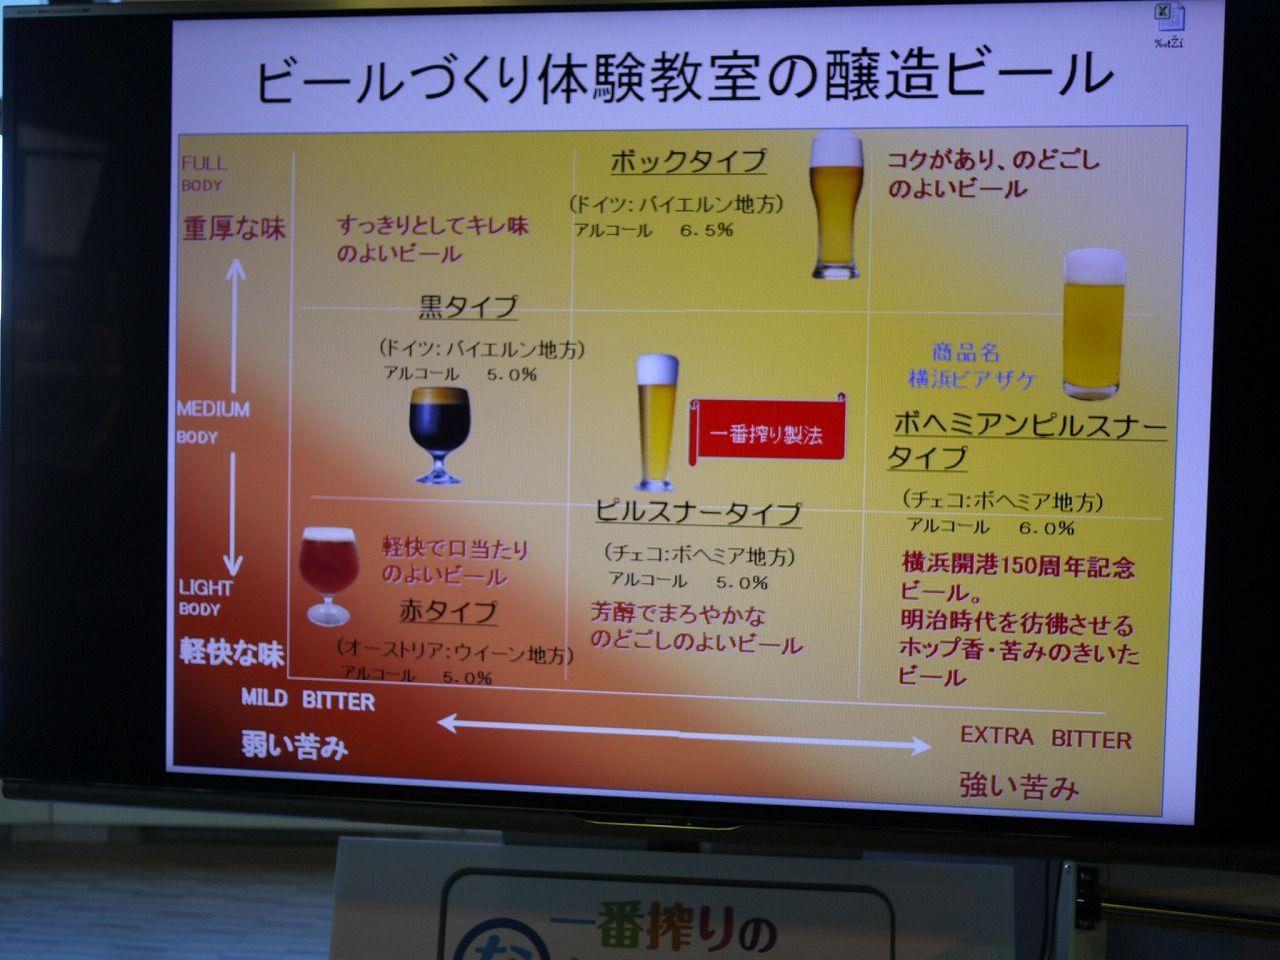 キリンビール工場ビール作り体験スケジュール